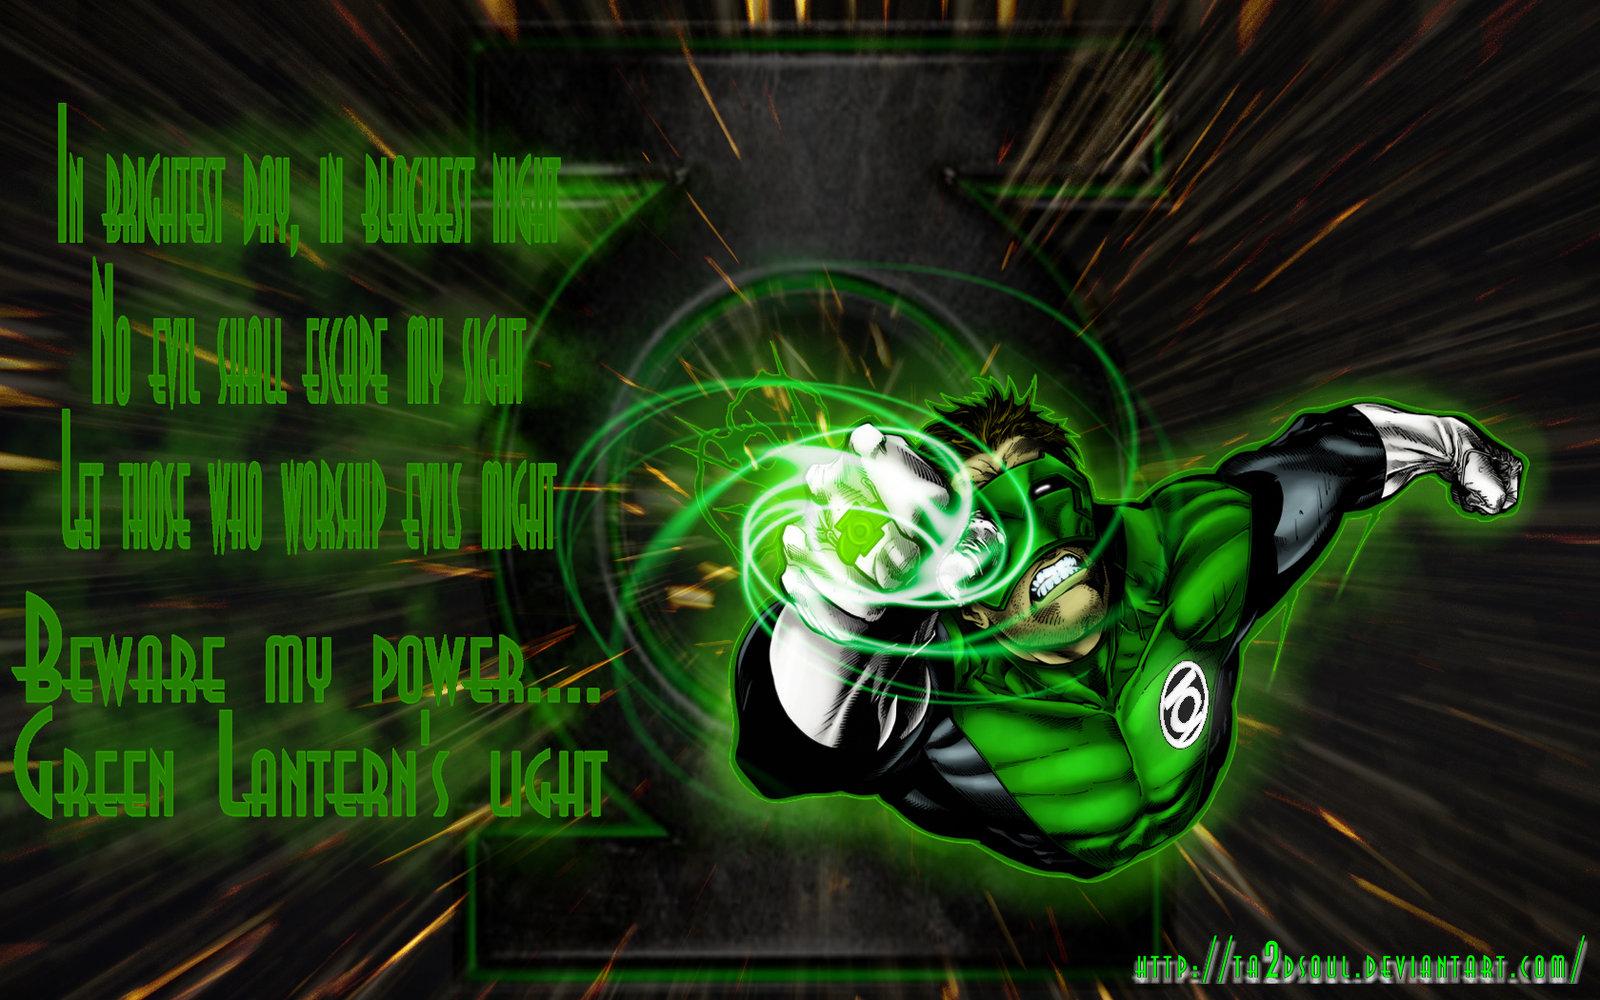 Green Lantern Wallpaper by Ta2dsoul 1600x1000